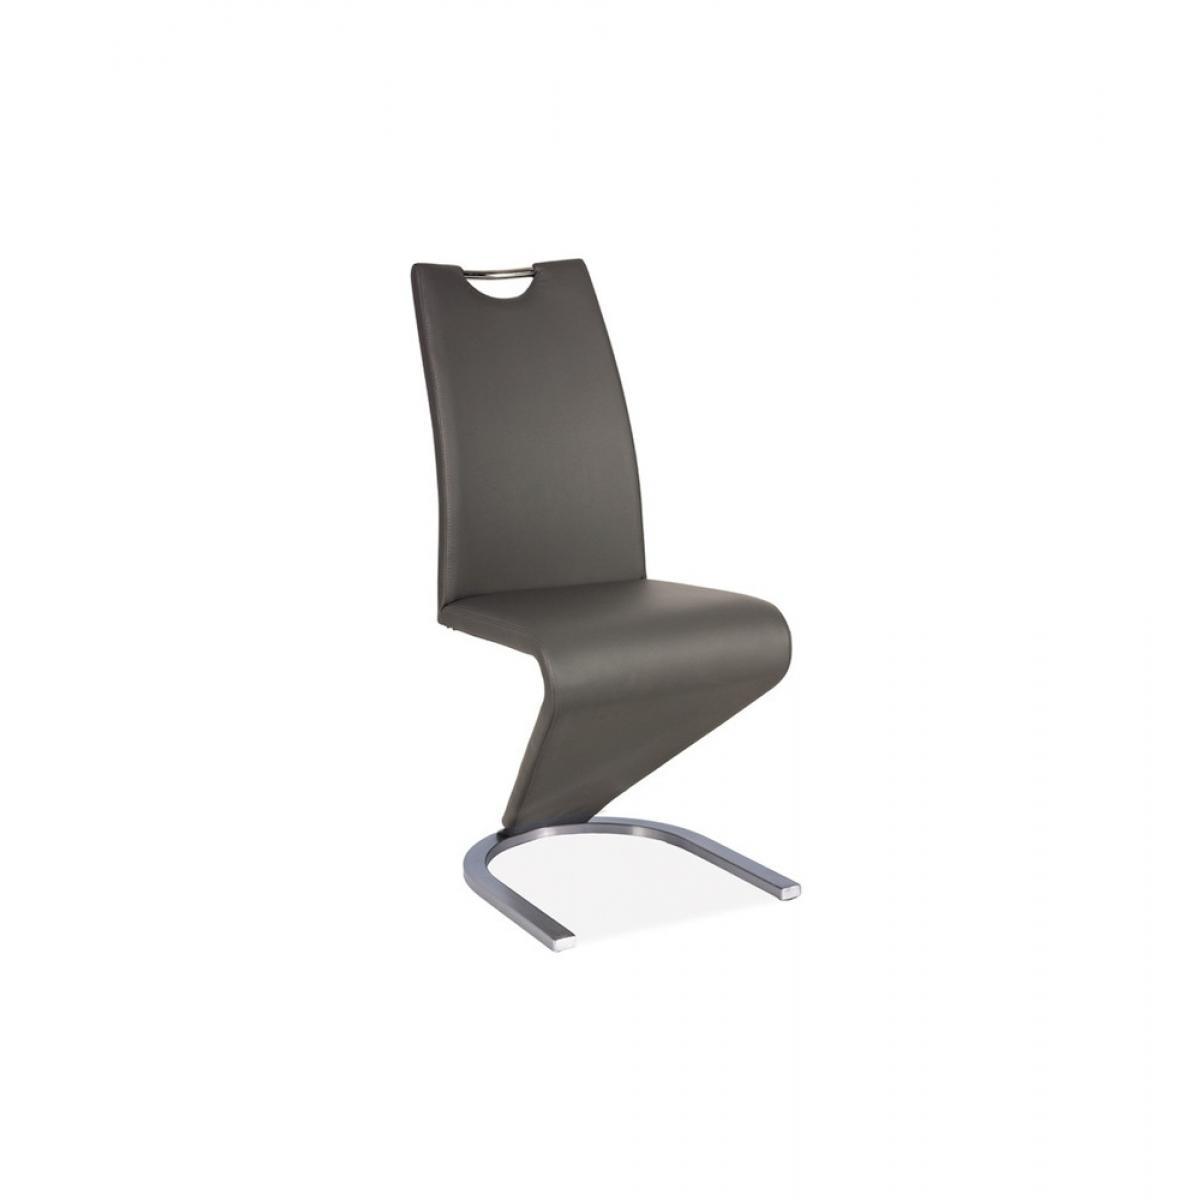 Ac-Deco Chaise design - H090 - 45 x 43 x 102 cm - Cadre en acier - Taupe